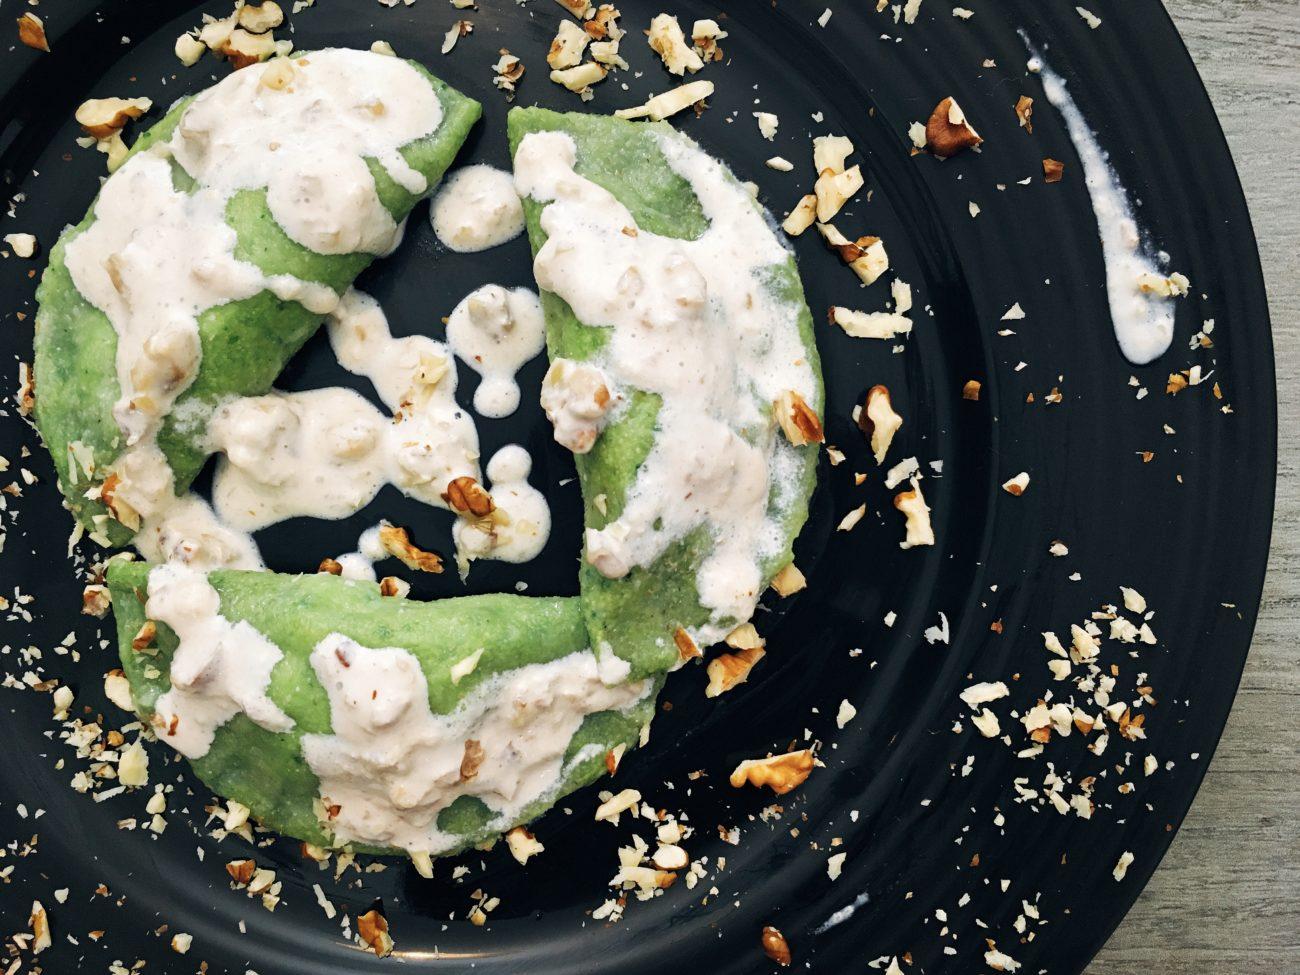 Ravioli verdi al ripieno di funghi conditi con panna e noci